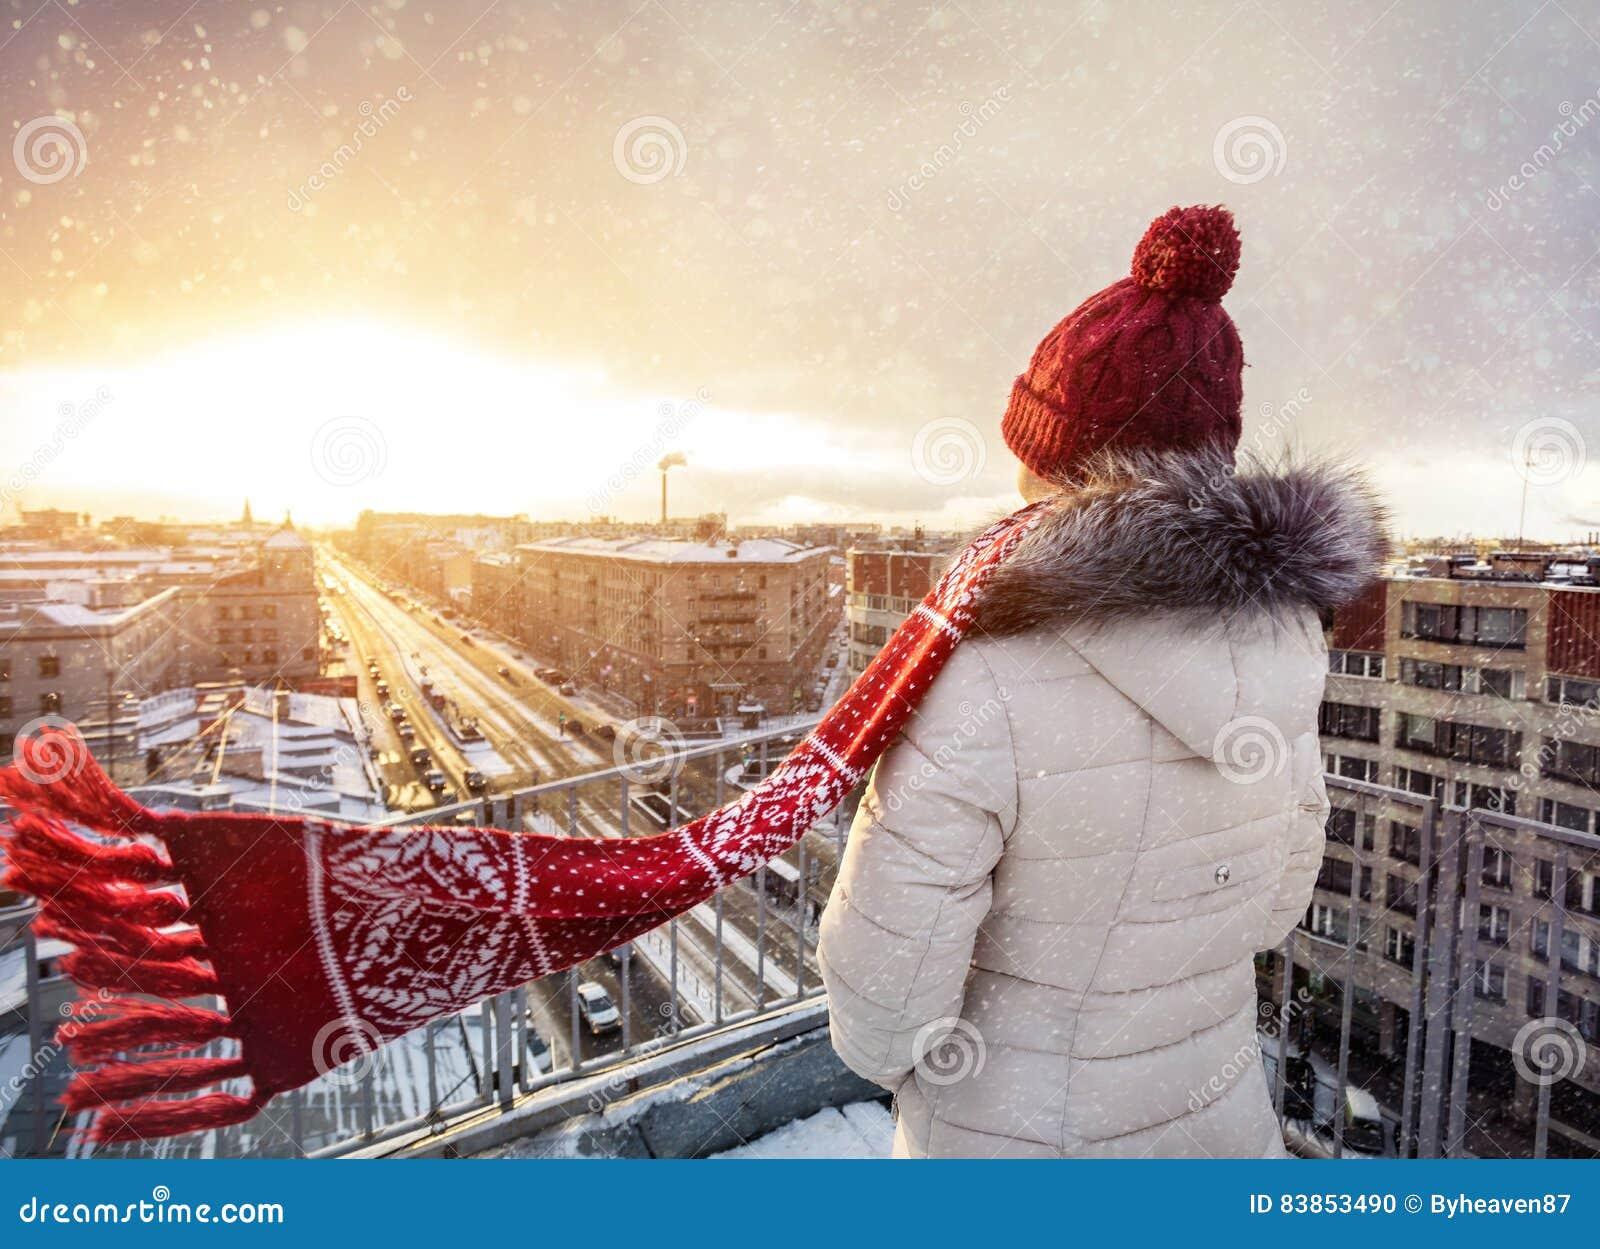 Женщина на крыше в зиме Петербурге